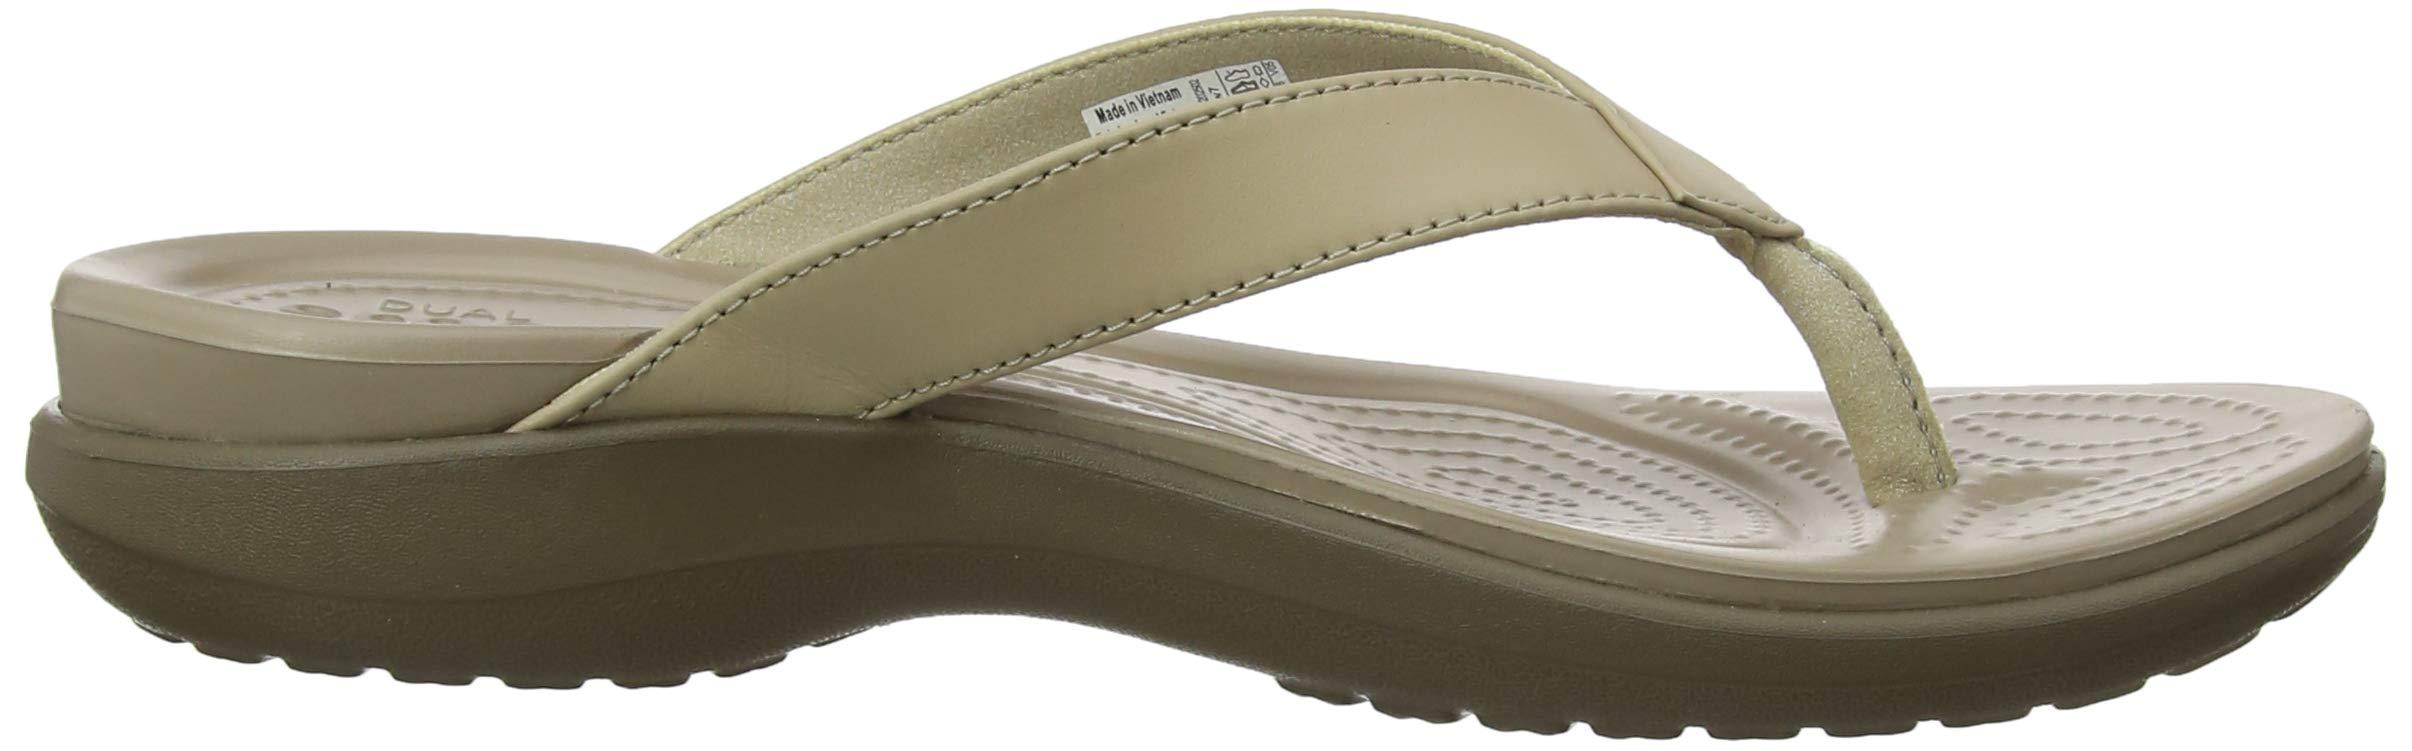 232df10cf537c Crocs Women s Capri V Flip Flop